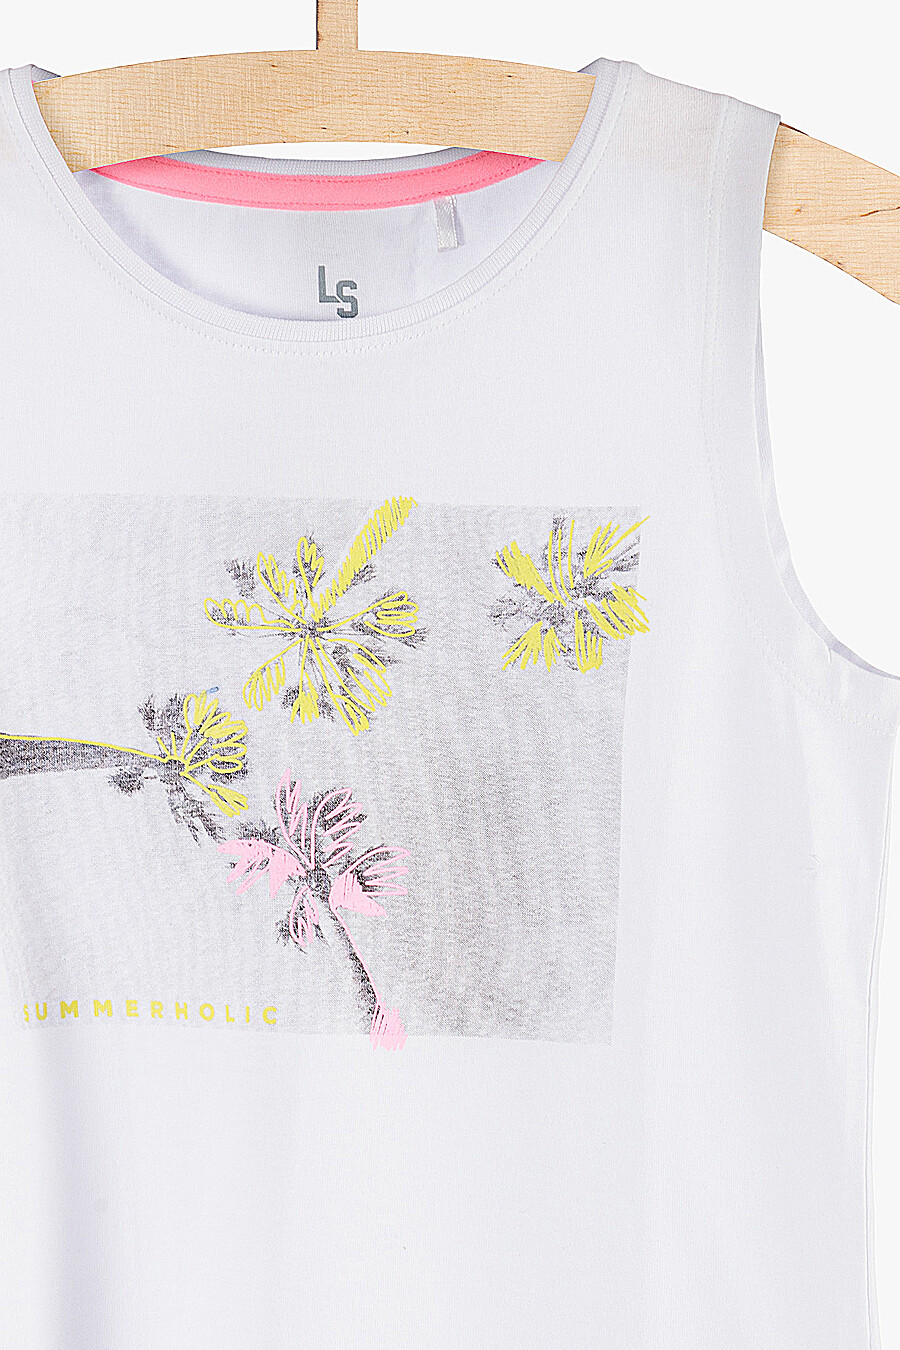 Майка для девочек 5.10.15 218395 купить оптом от производителя. Совместная покупка детской одежды в OptMoyo